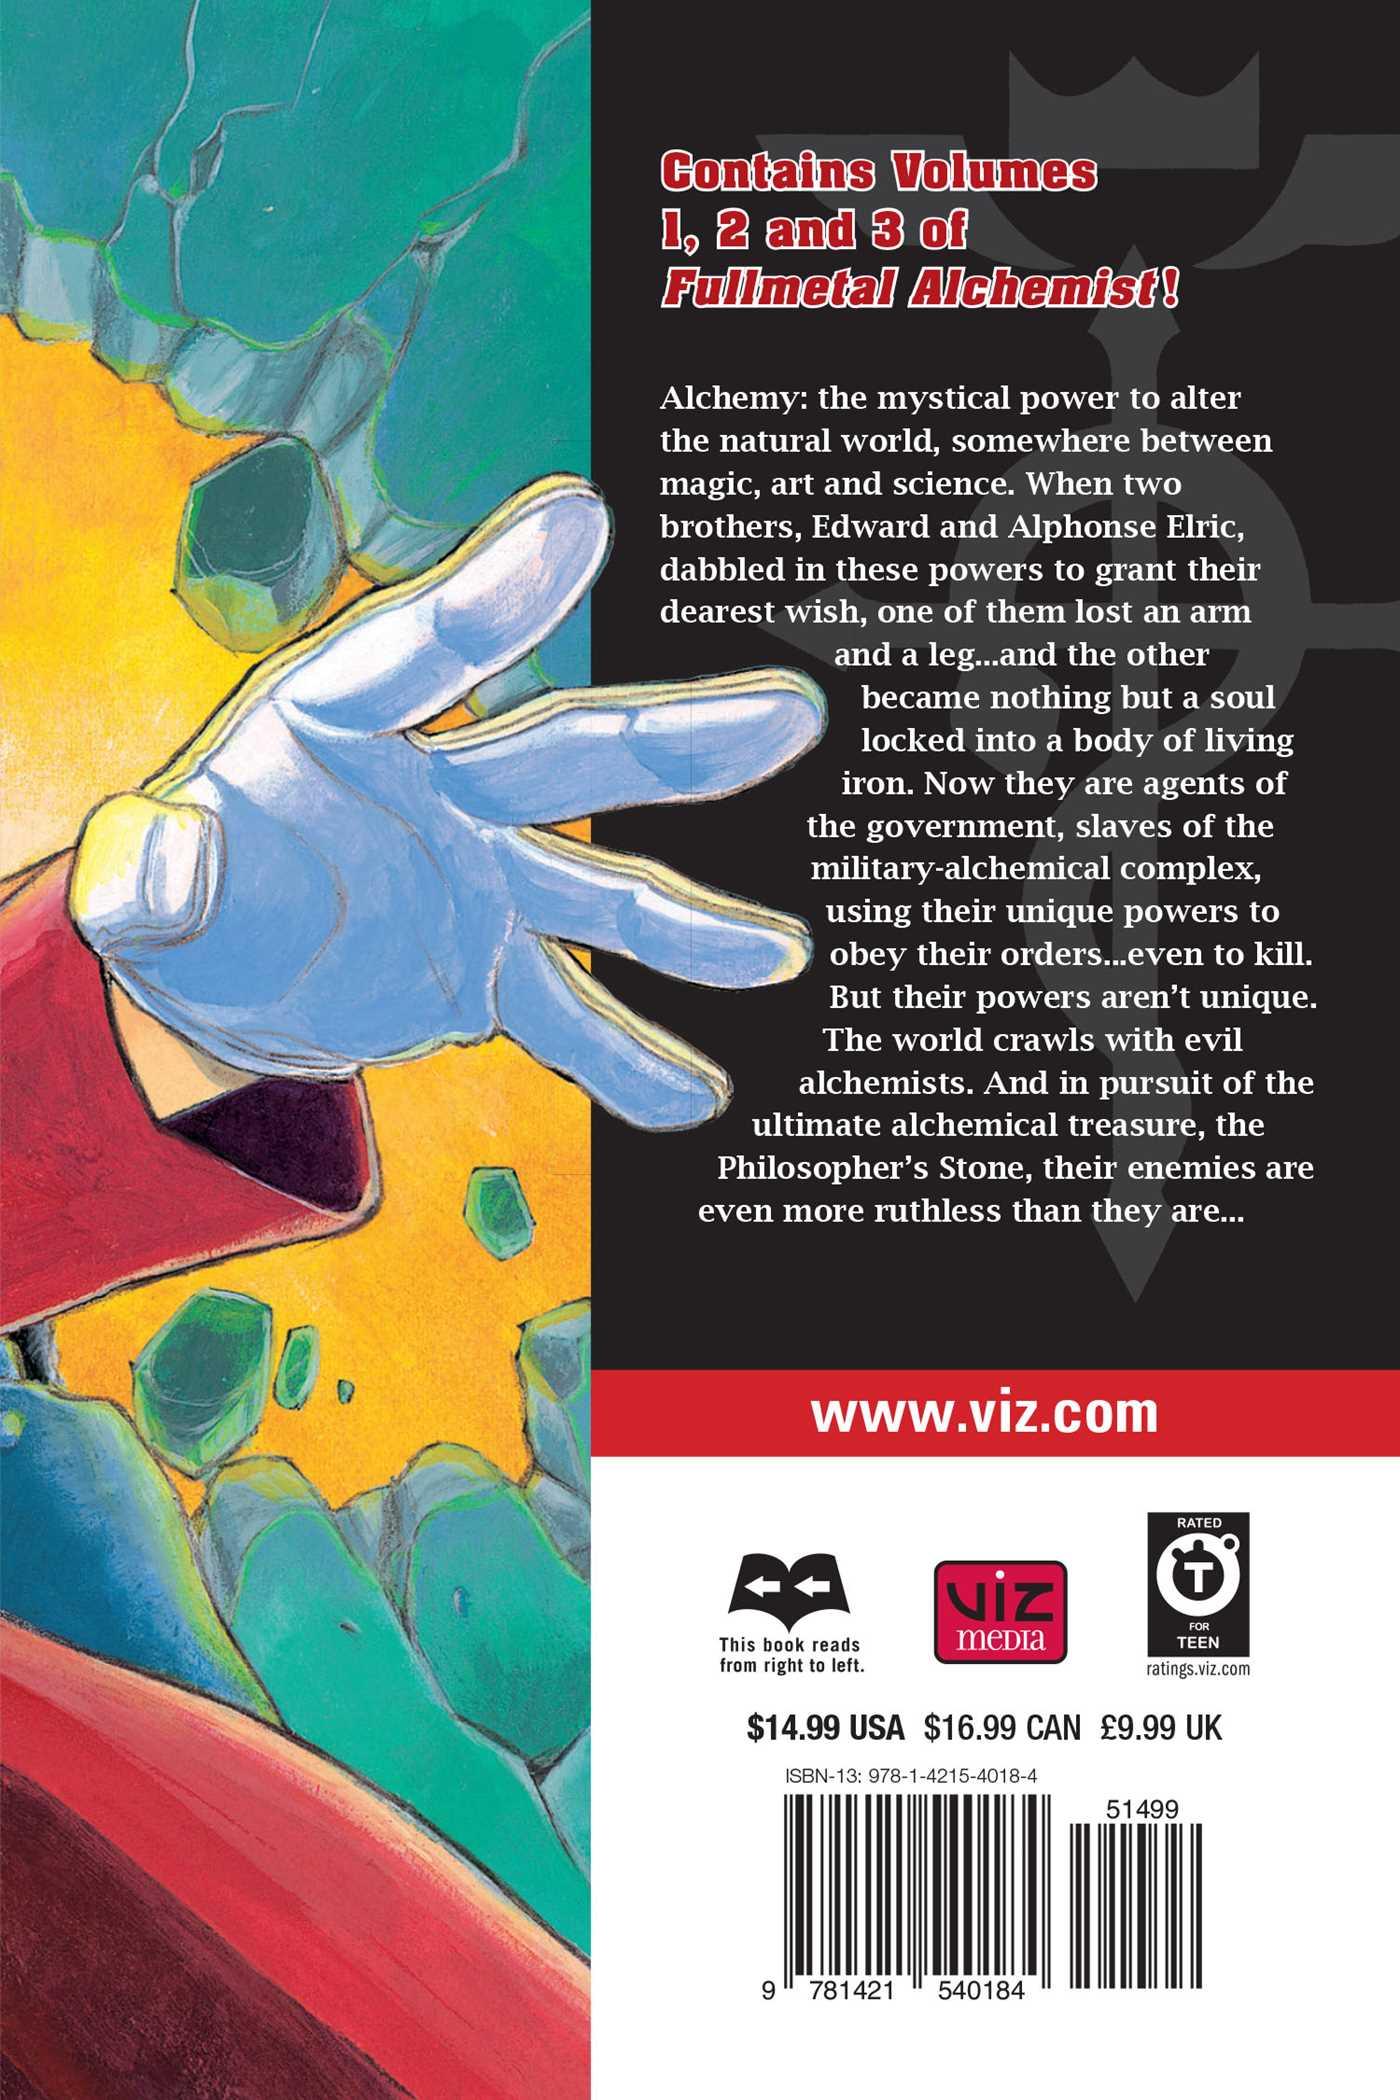 Fullmetal alchemist 3 in 1 edition vol 1 9781421540184 hr back